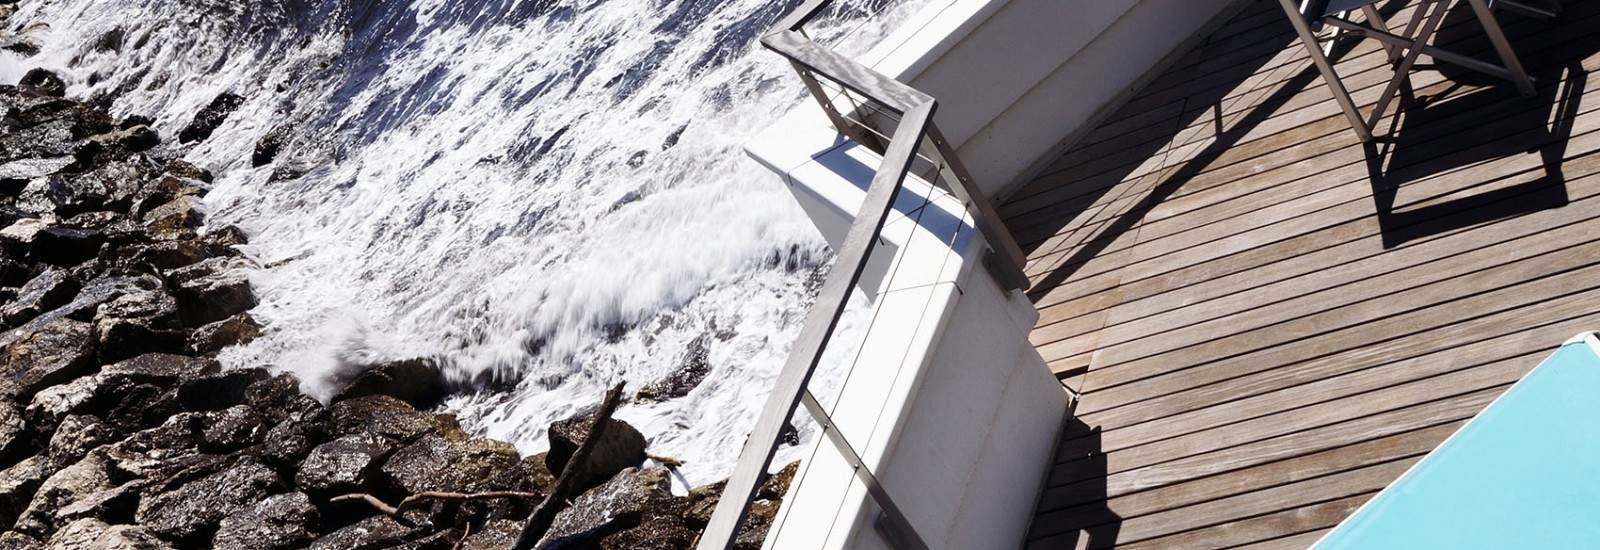 BLOG_WEEK END PULLMAN MARSEILLE PALM BEACH_9